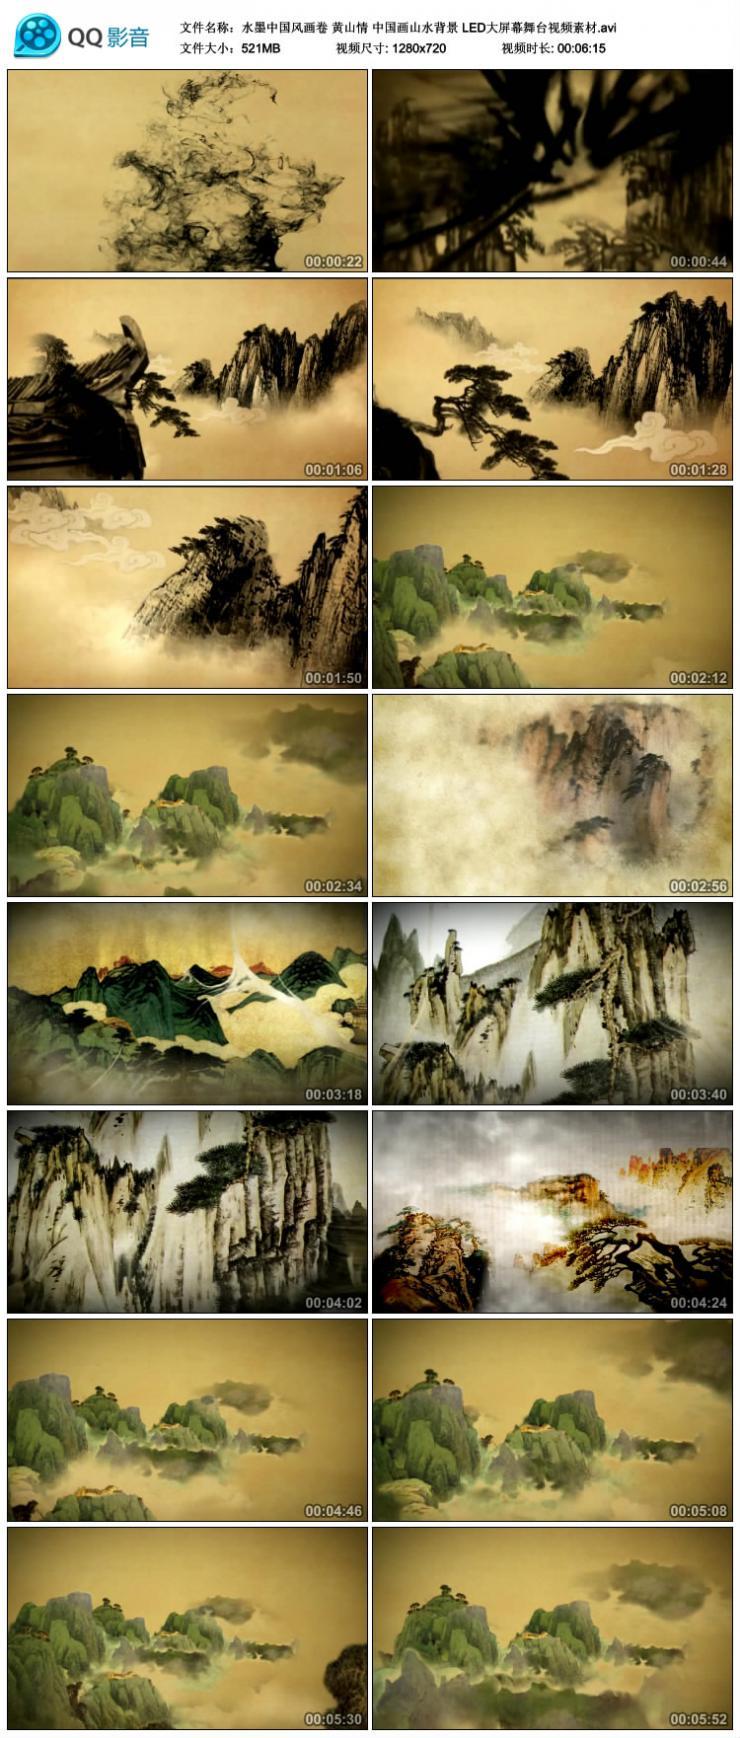 水墨中国风画卷黄山情中国画山水背景 LED大屏幕舞台视频素